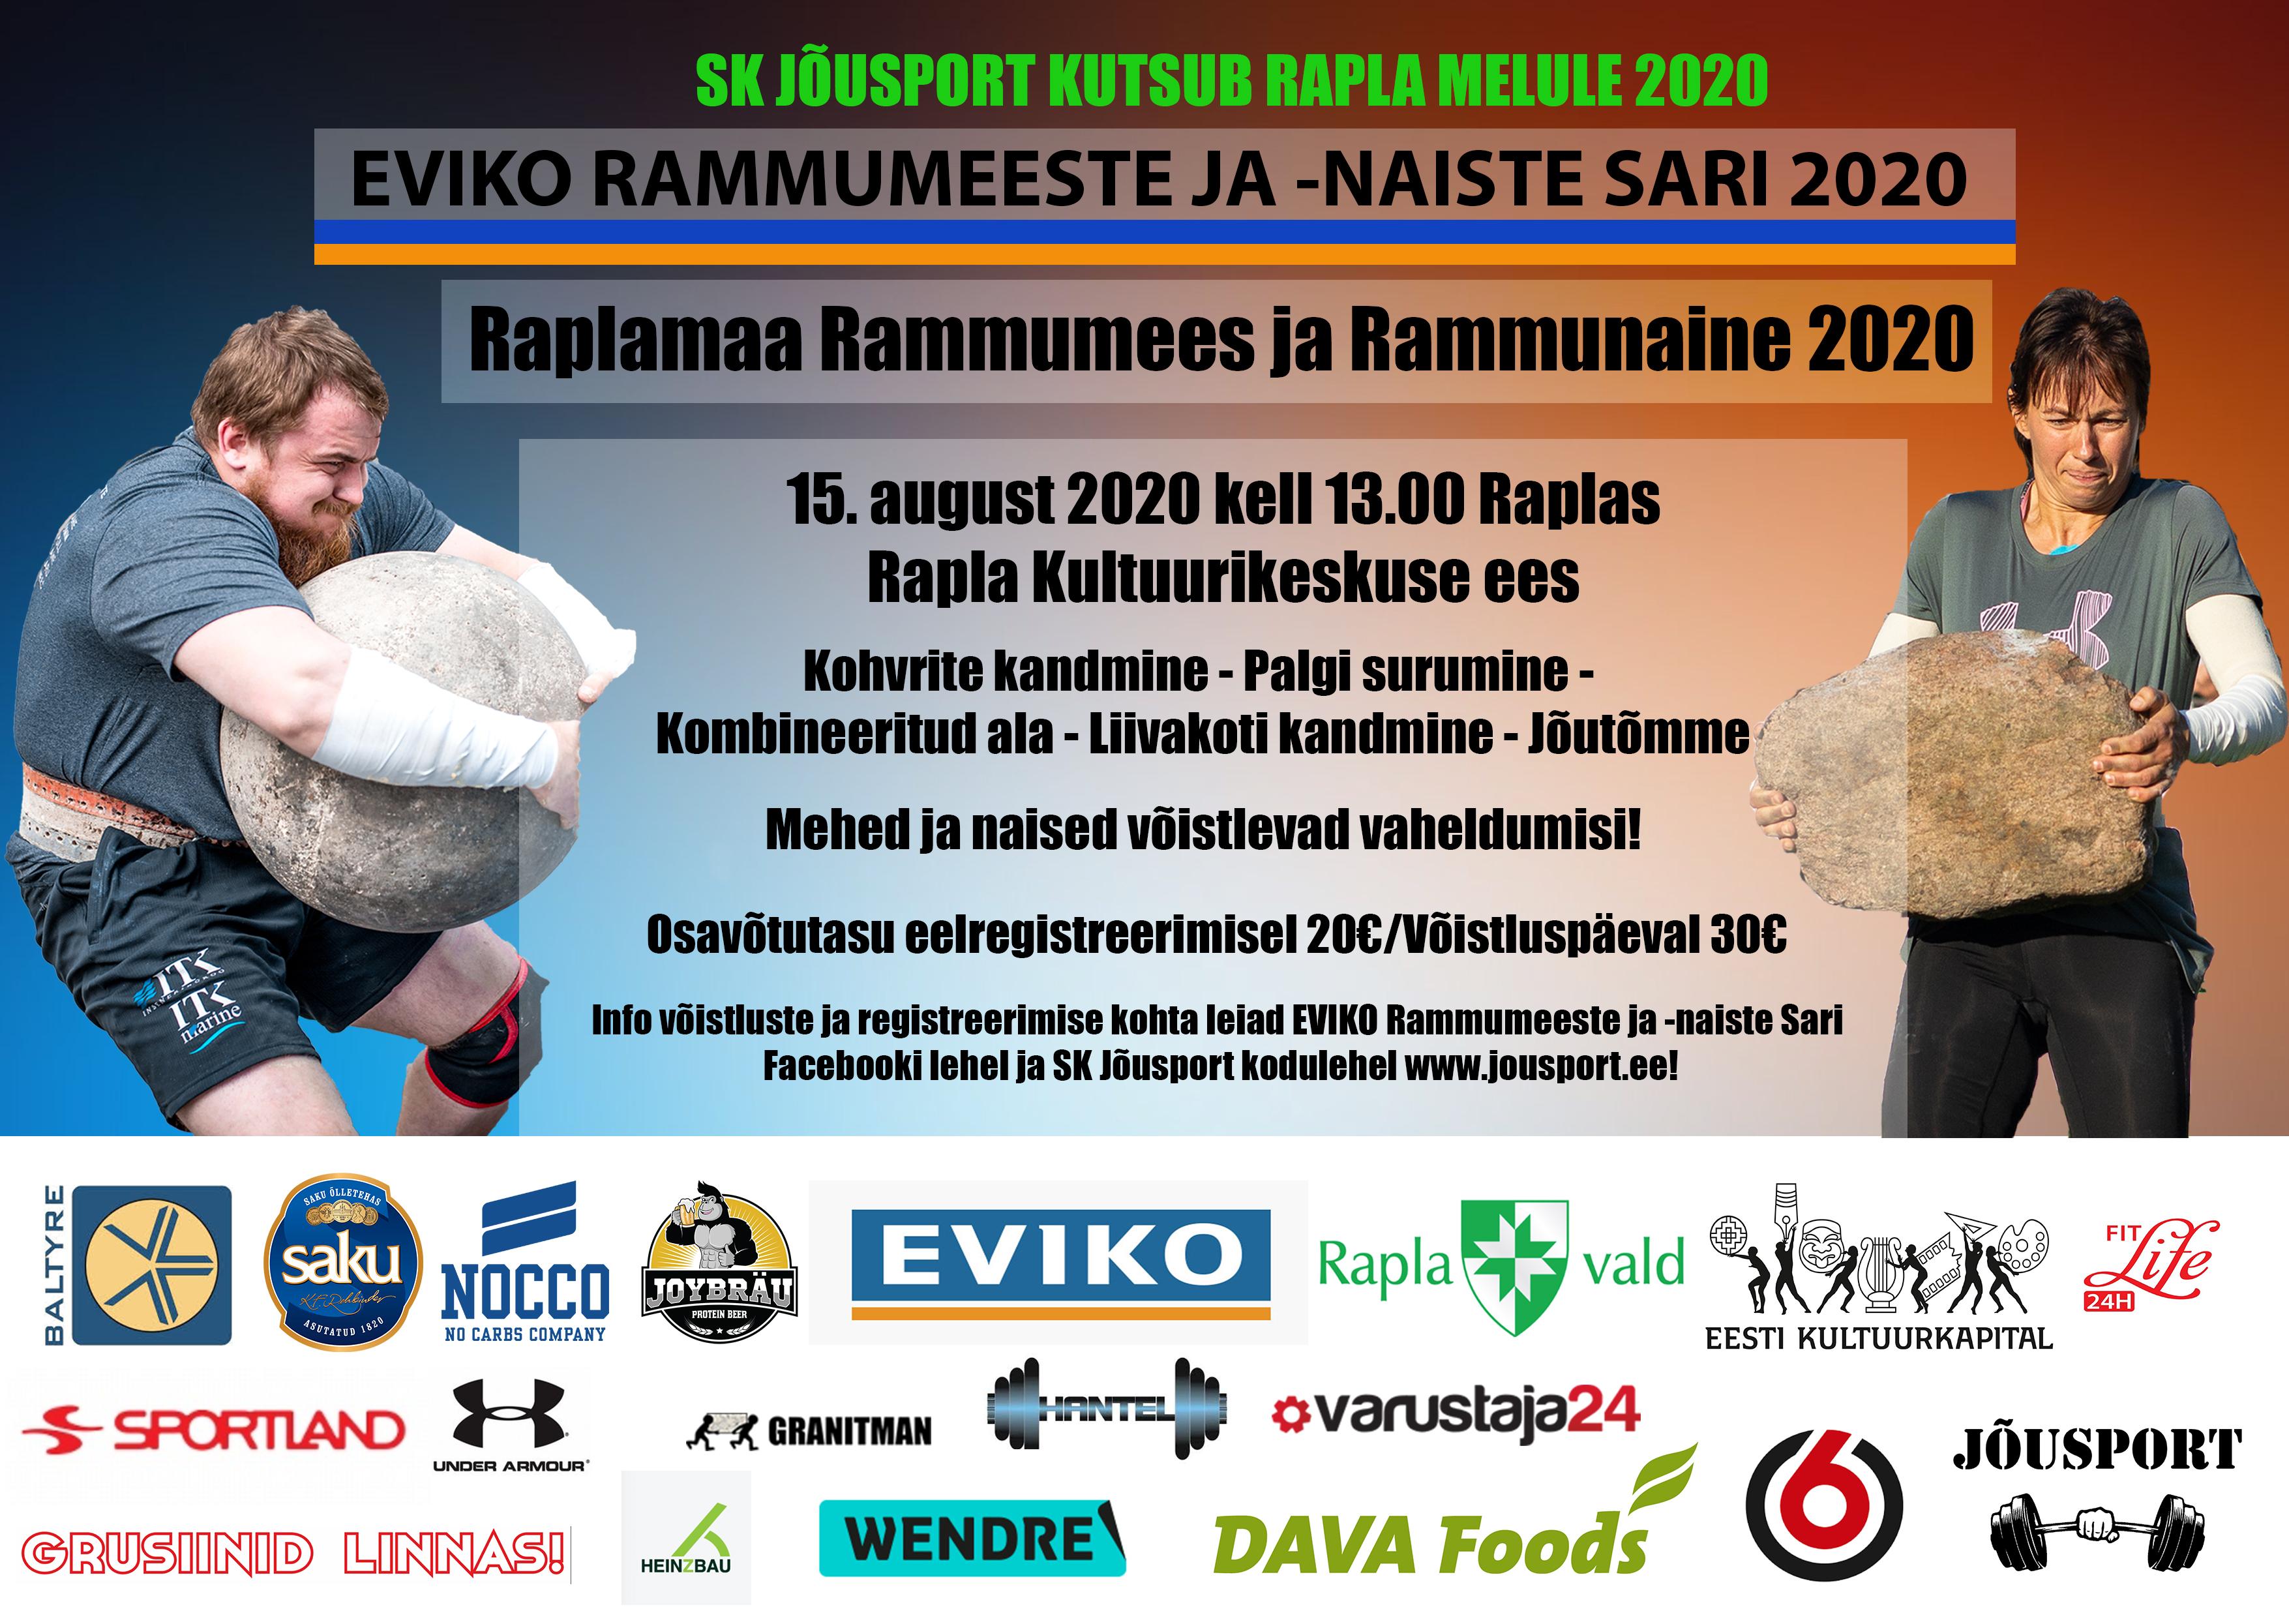 Raplamaa Rammumees ja Rammunaine 2020